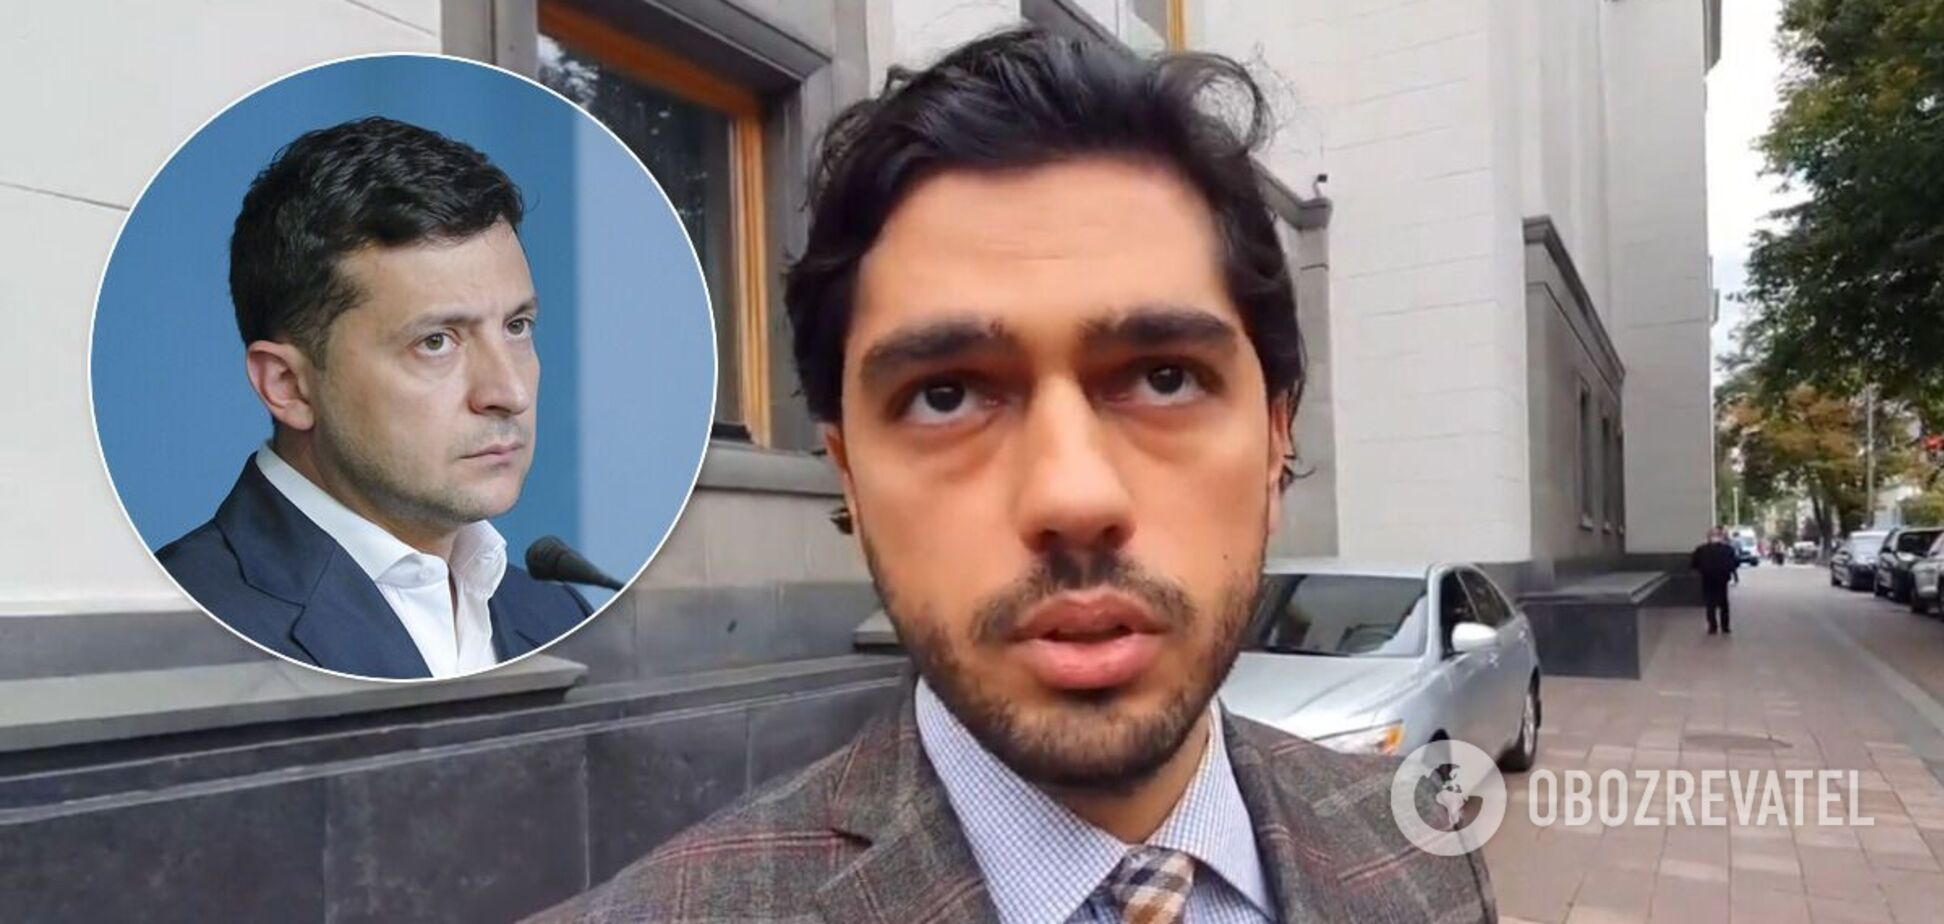 Лерос рассказал о скандале в кабинете Зеленского